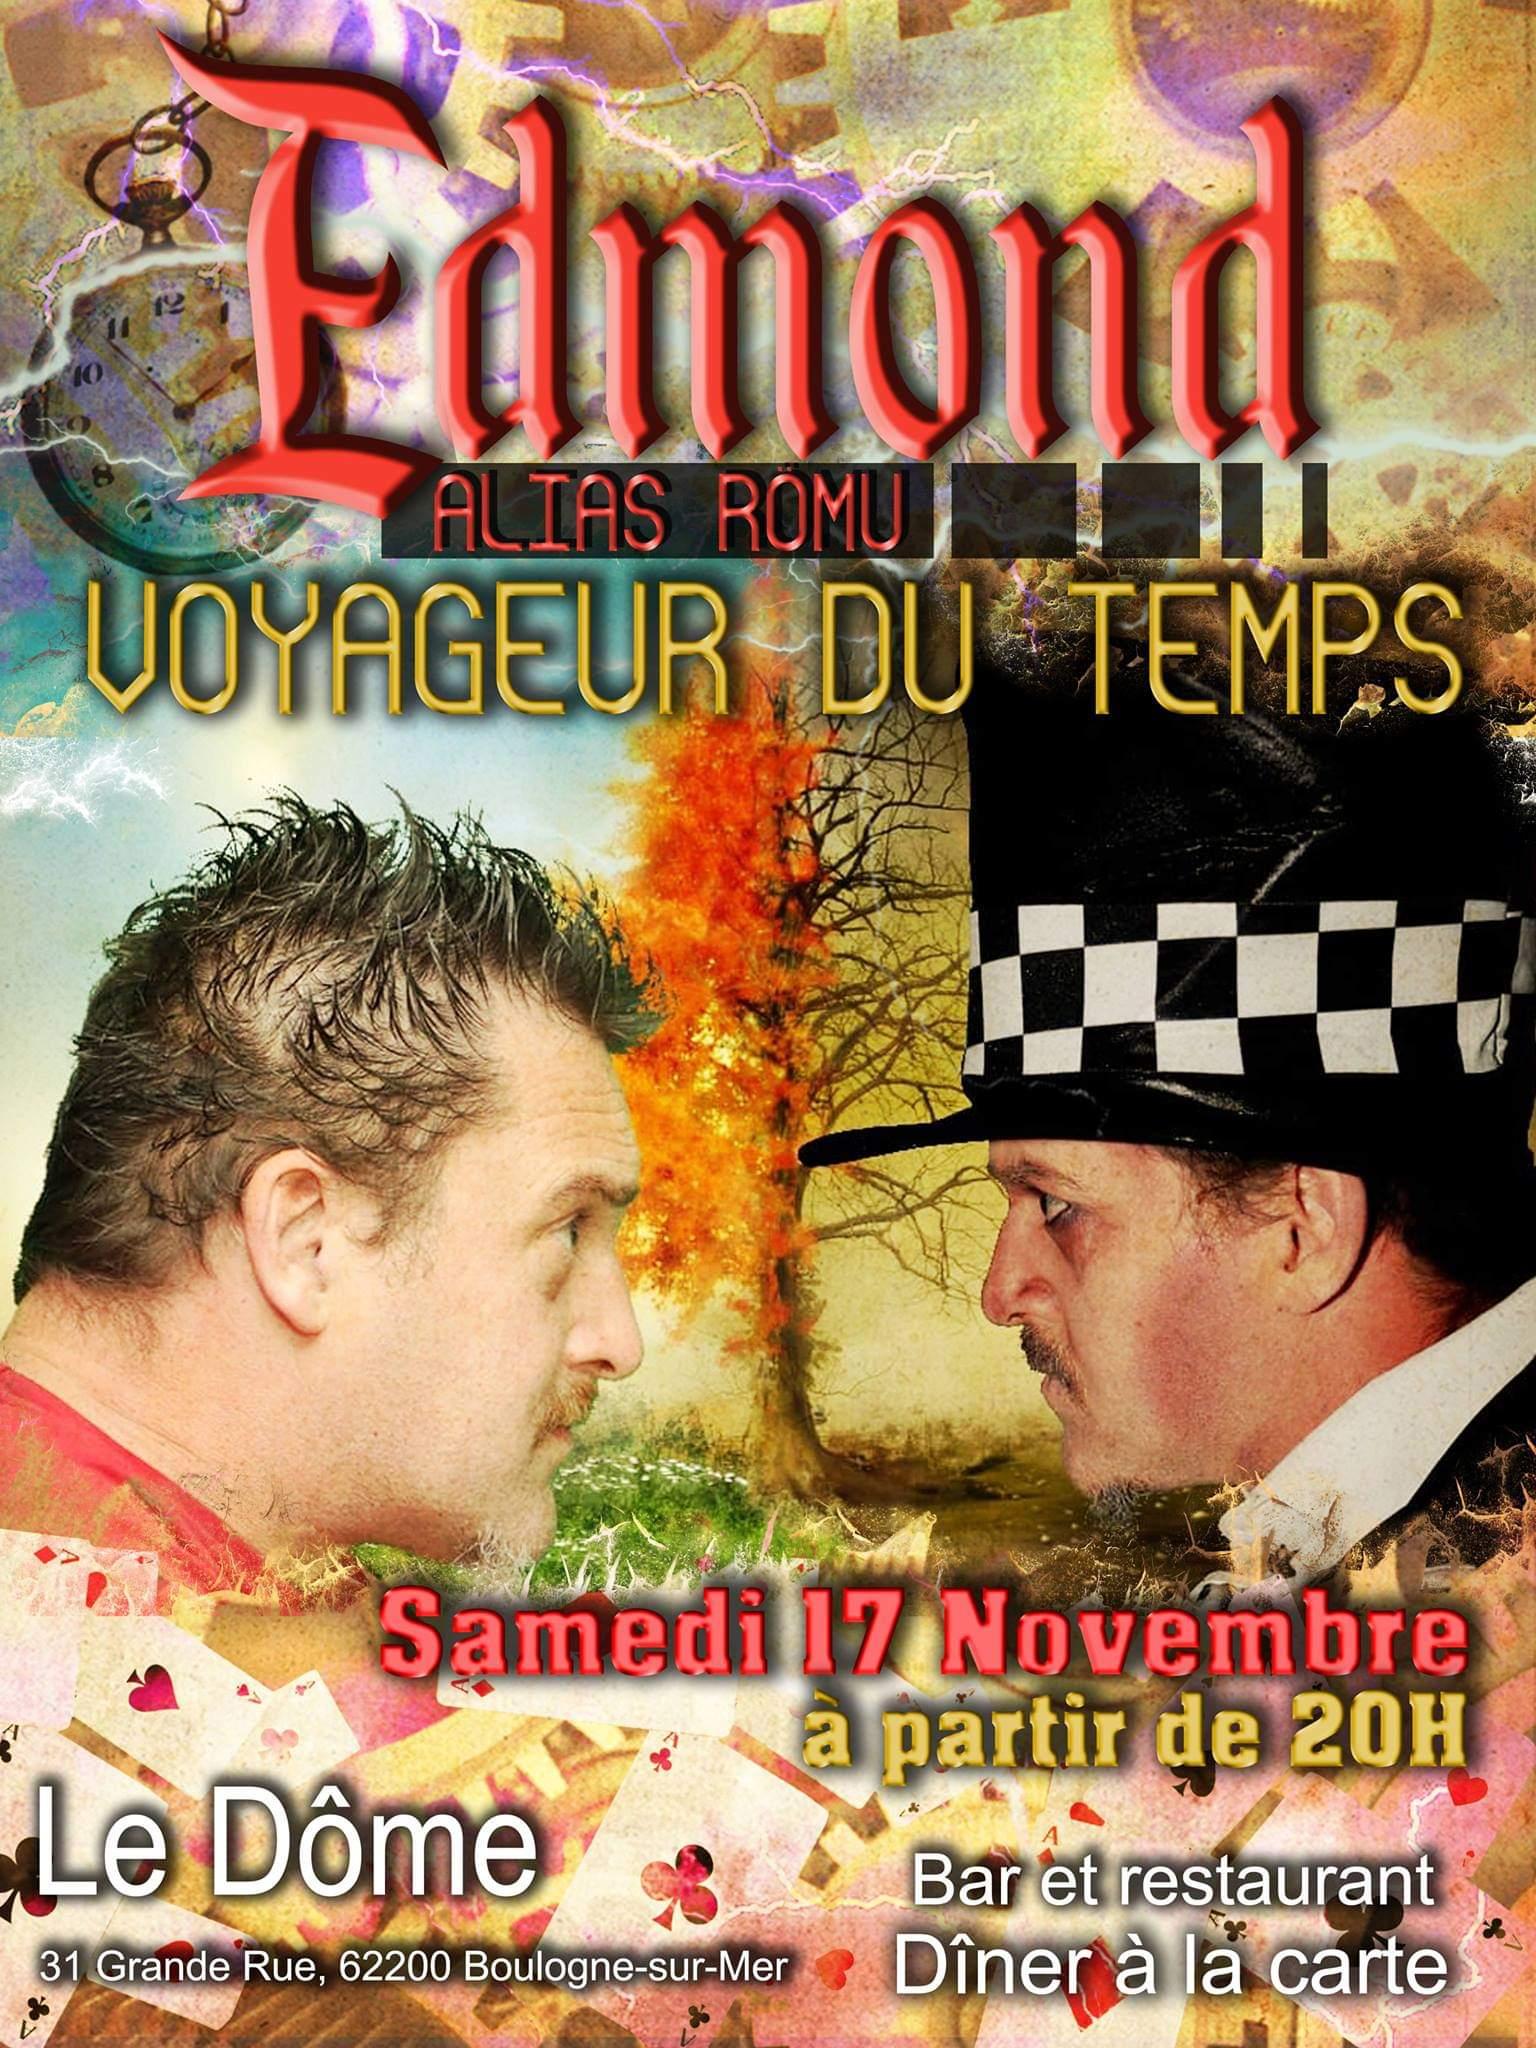 edmond voyageur du temps avec Romu  samedi 17 Novembre 18